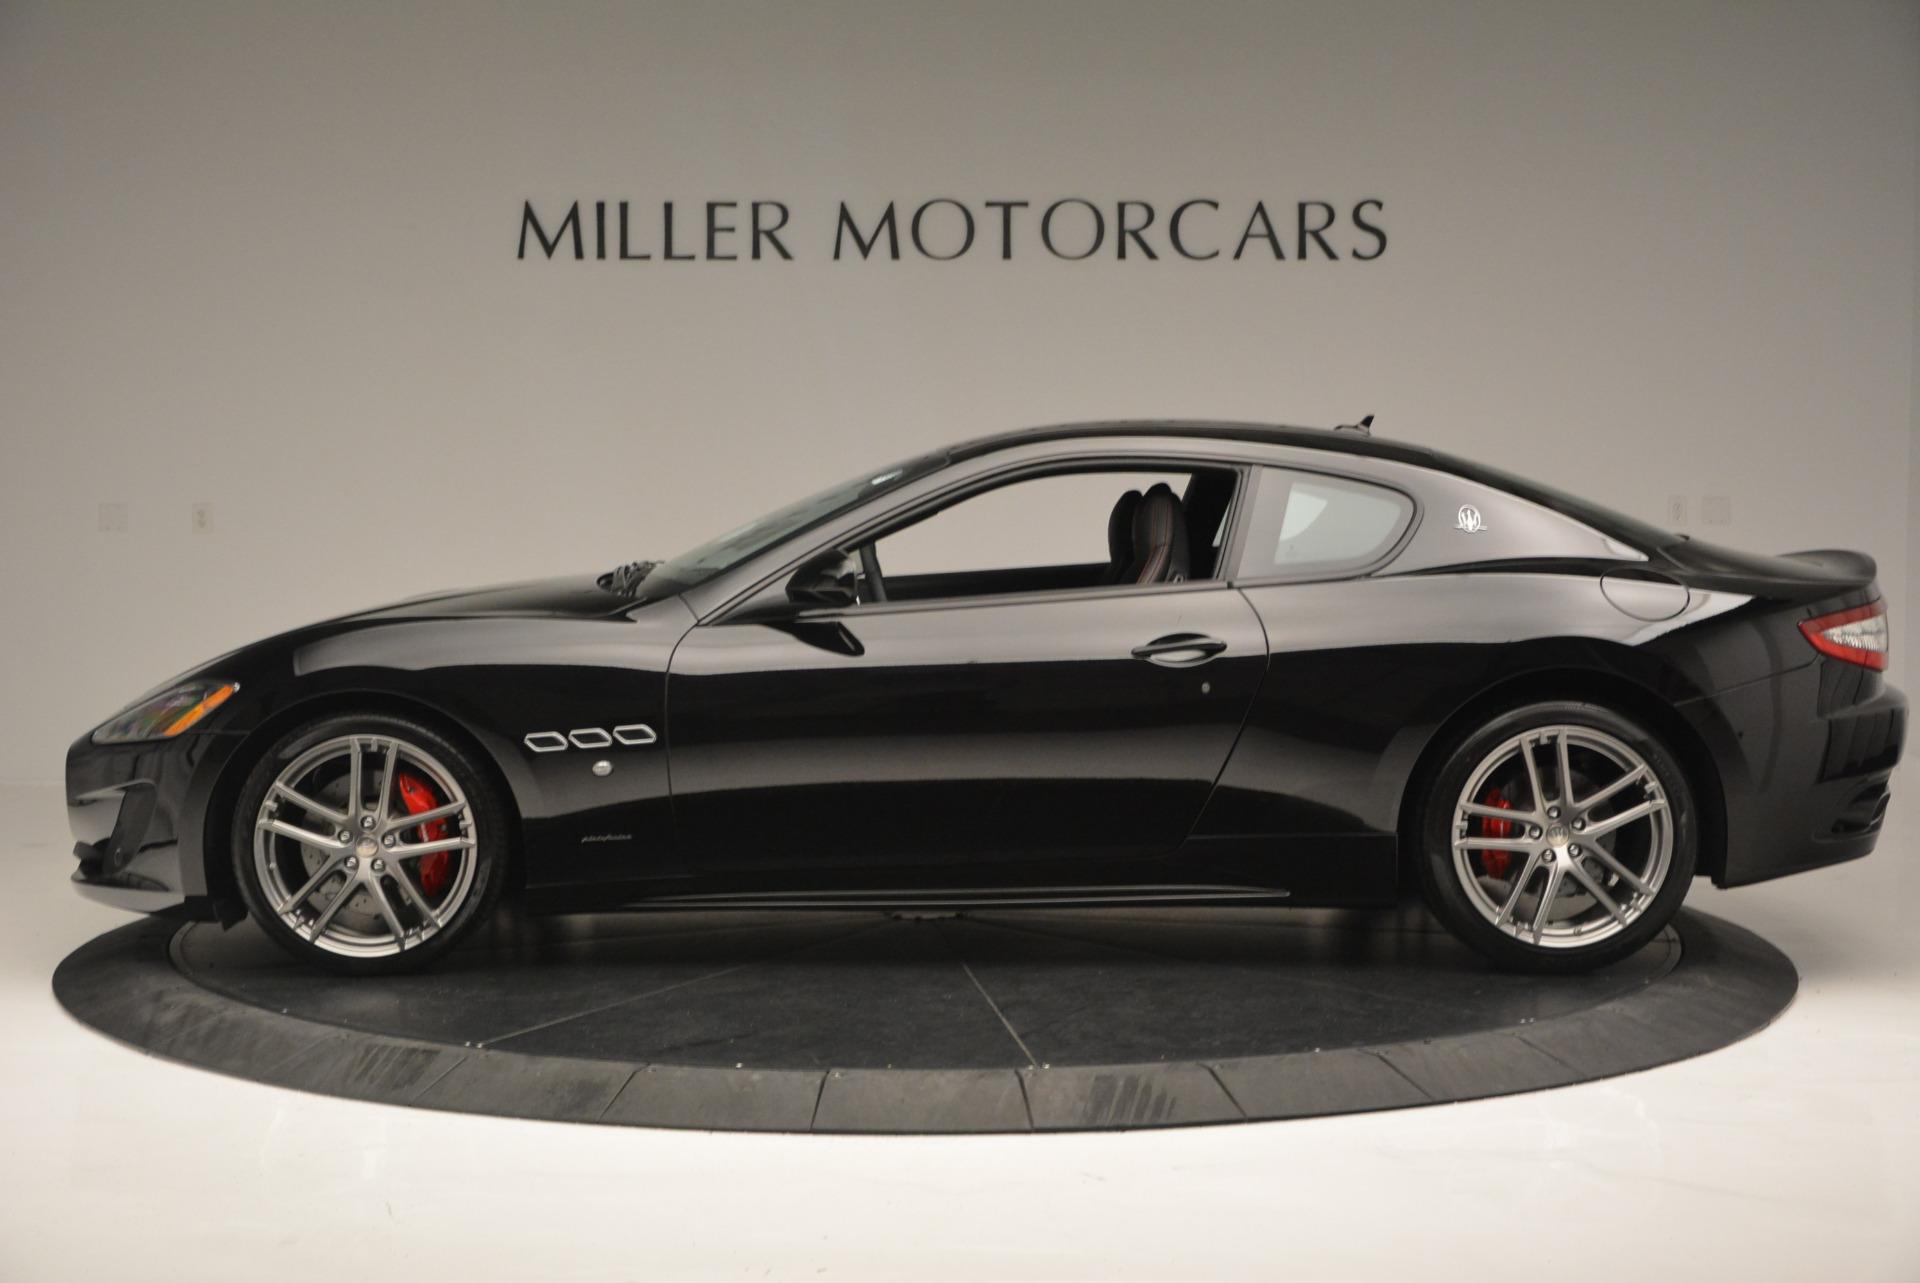 New 2016 Maserati GranTurismo Sport For Sale In Greenwich, CT 592_p3